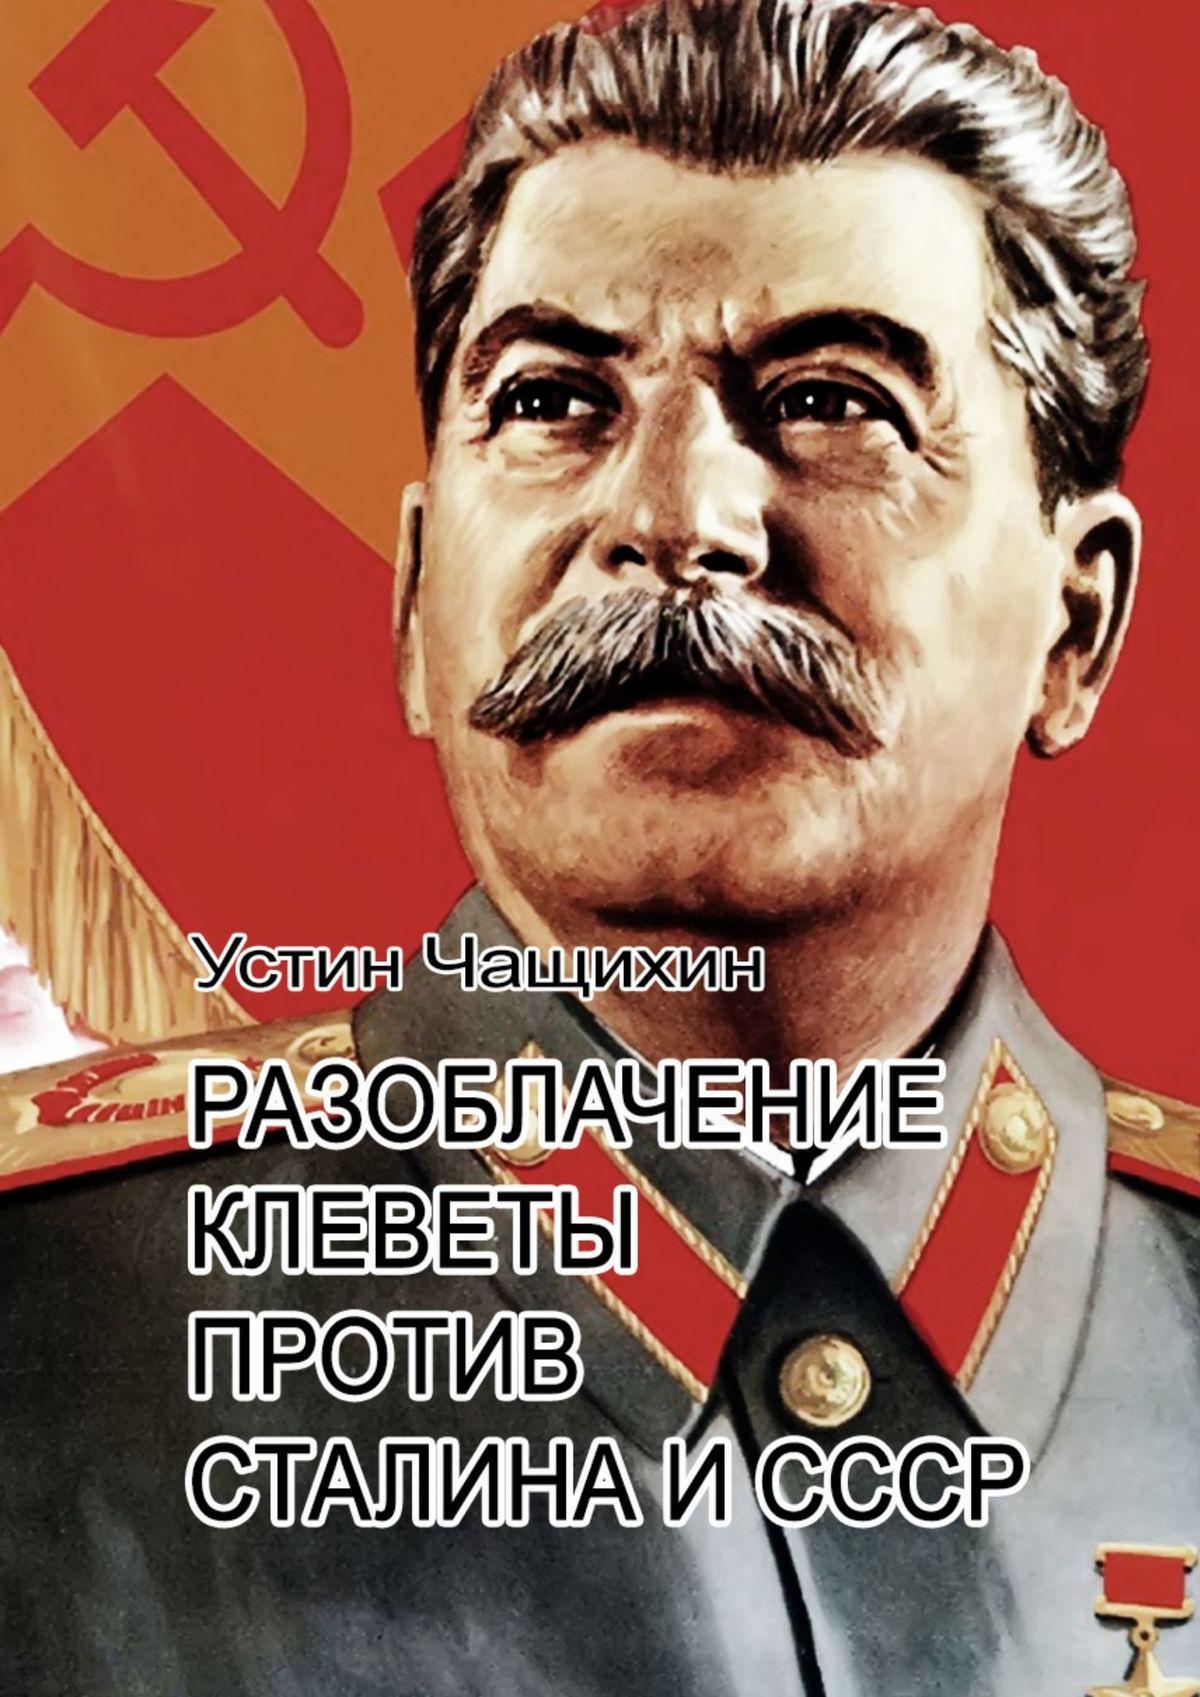 Разоблачение клеветы против Сталина иСССР. Независимое исследование